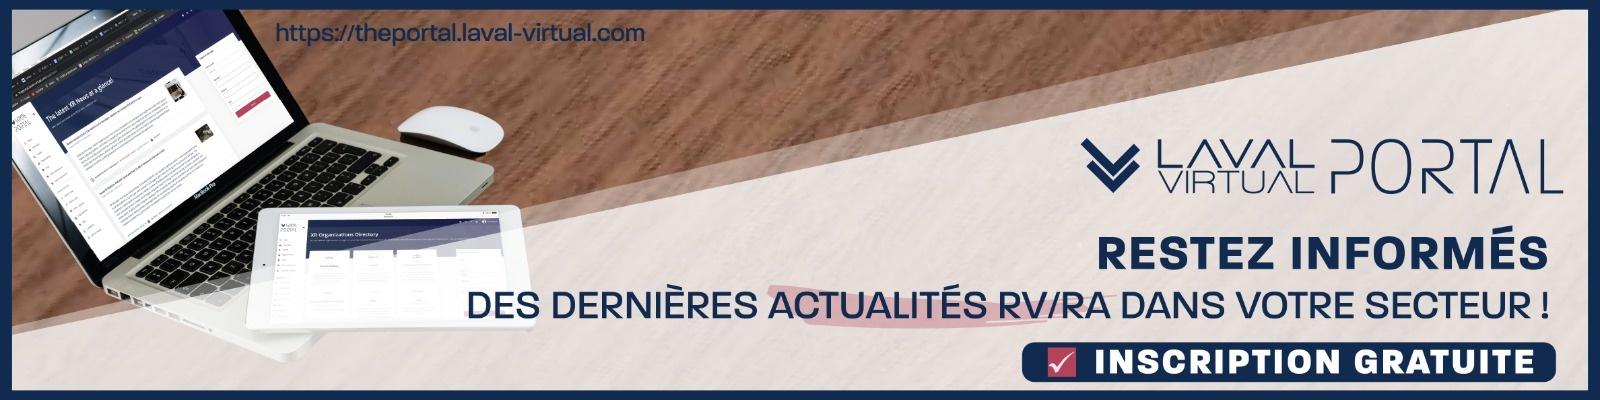 Inscription fil d'actualité VR/AR Laval Virtual